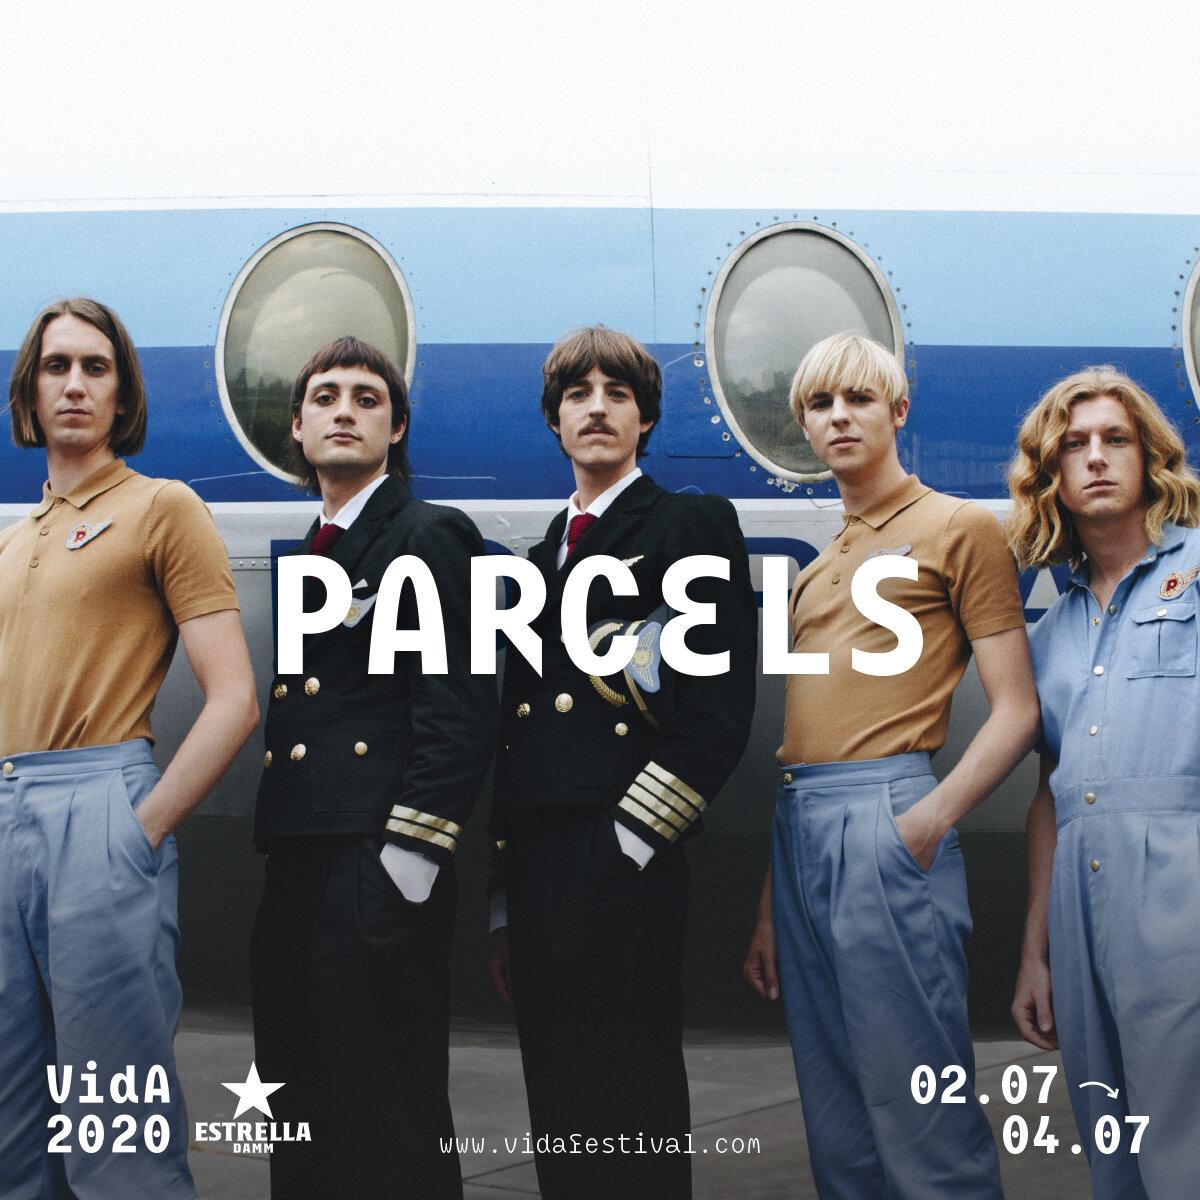 Parcels_1x1_2.jpg